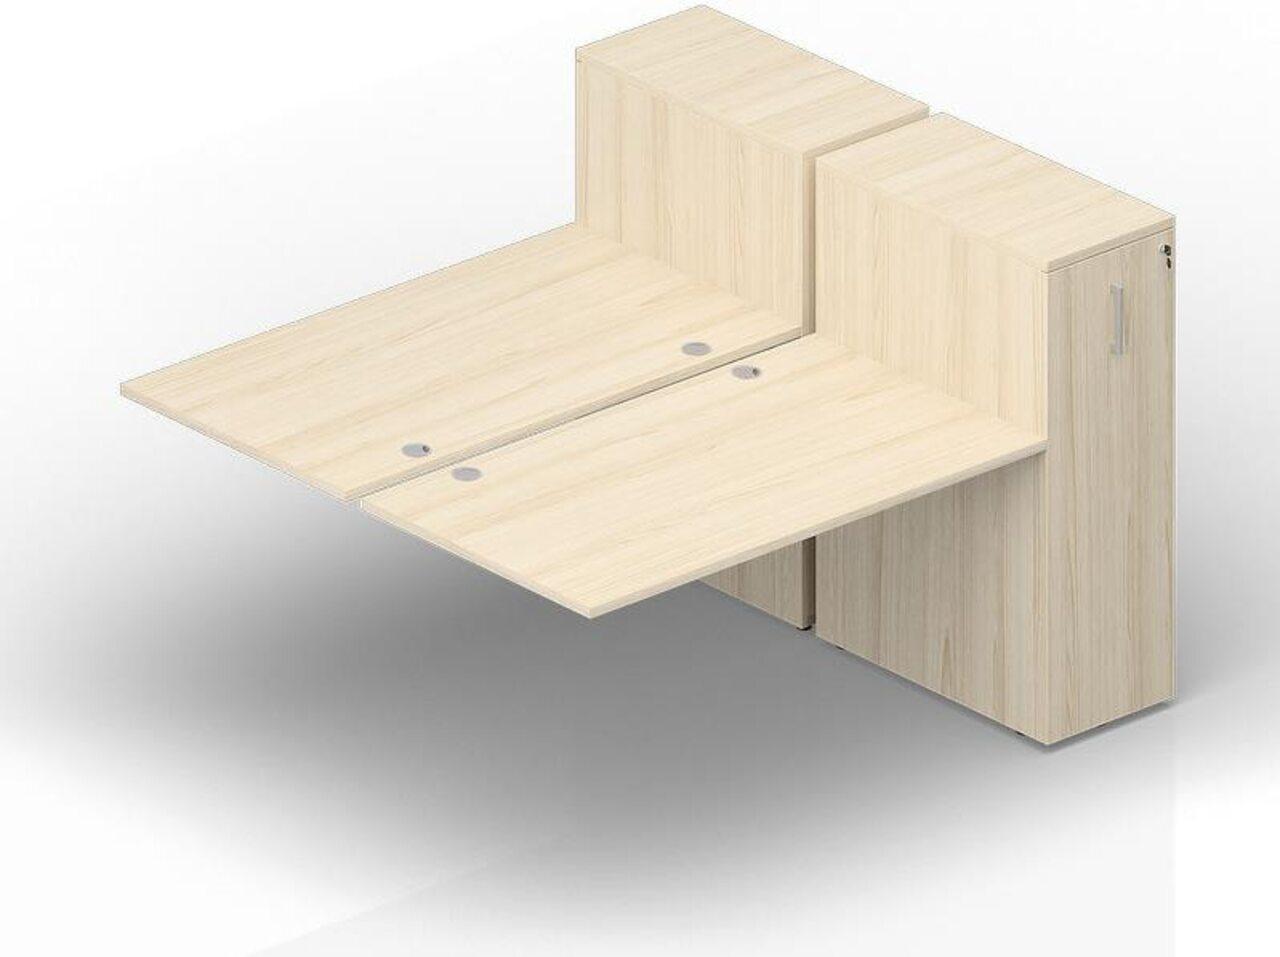 Составной стол на 2 рабочих места с приставными шкафами Tower  Polo 140x165x112 - фото 1